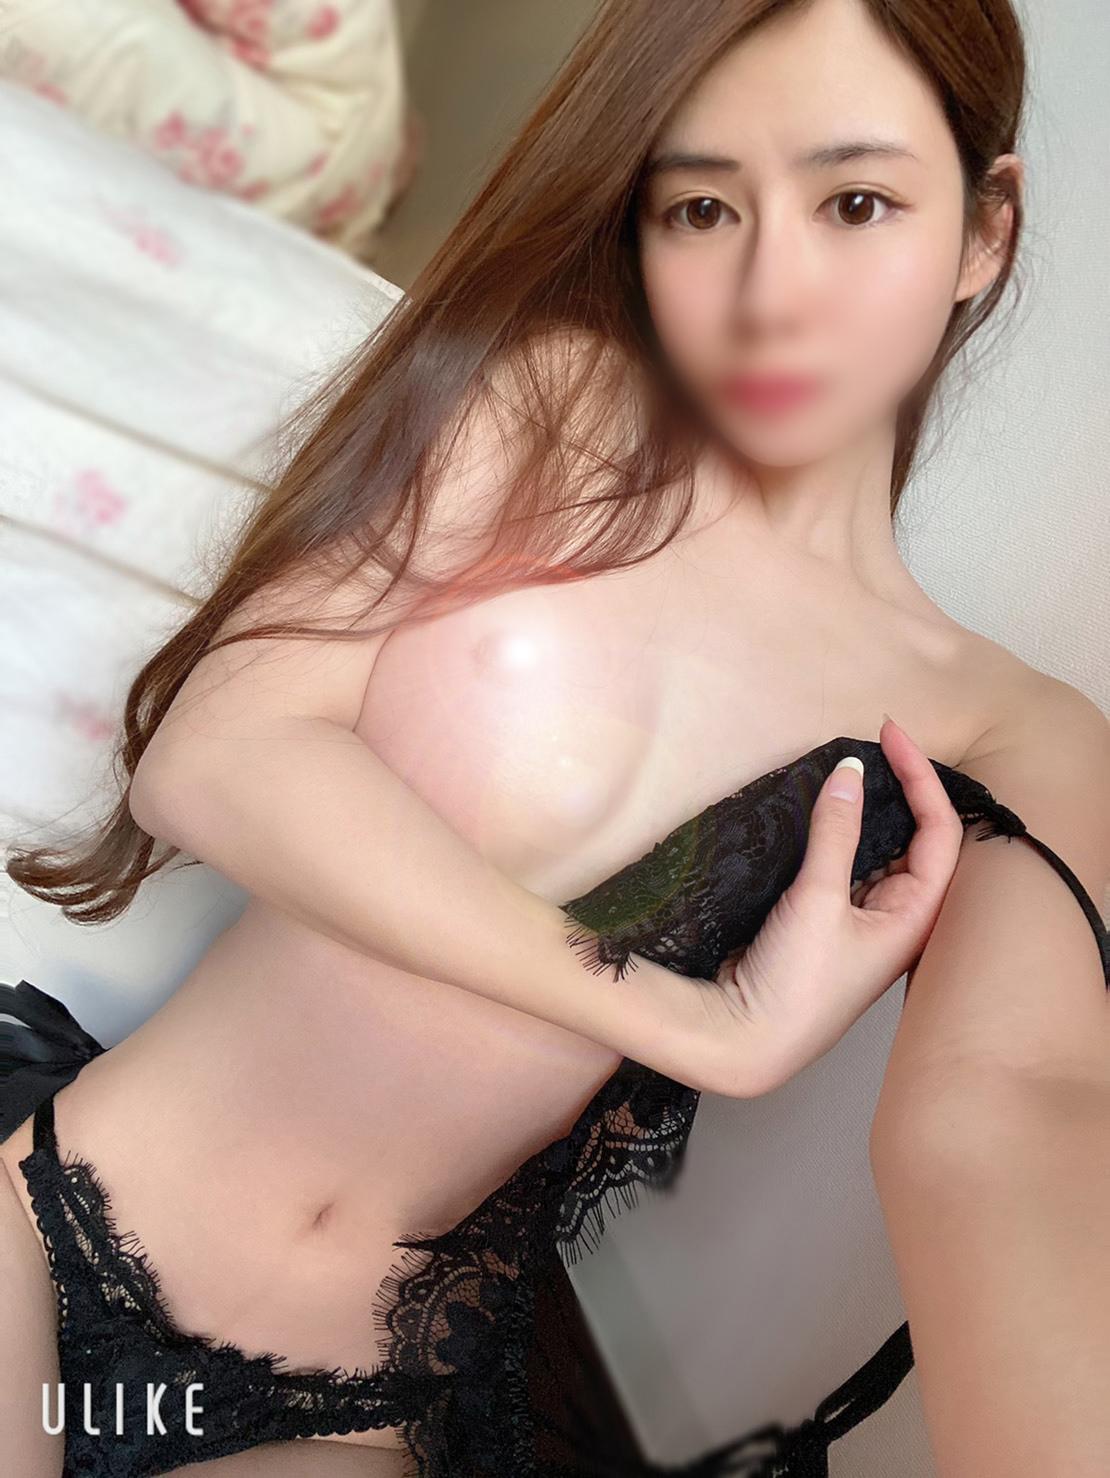 ★瞬殺・悩殺エロボディーみみさん★